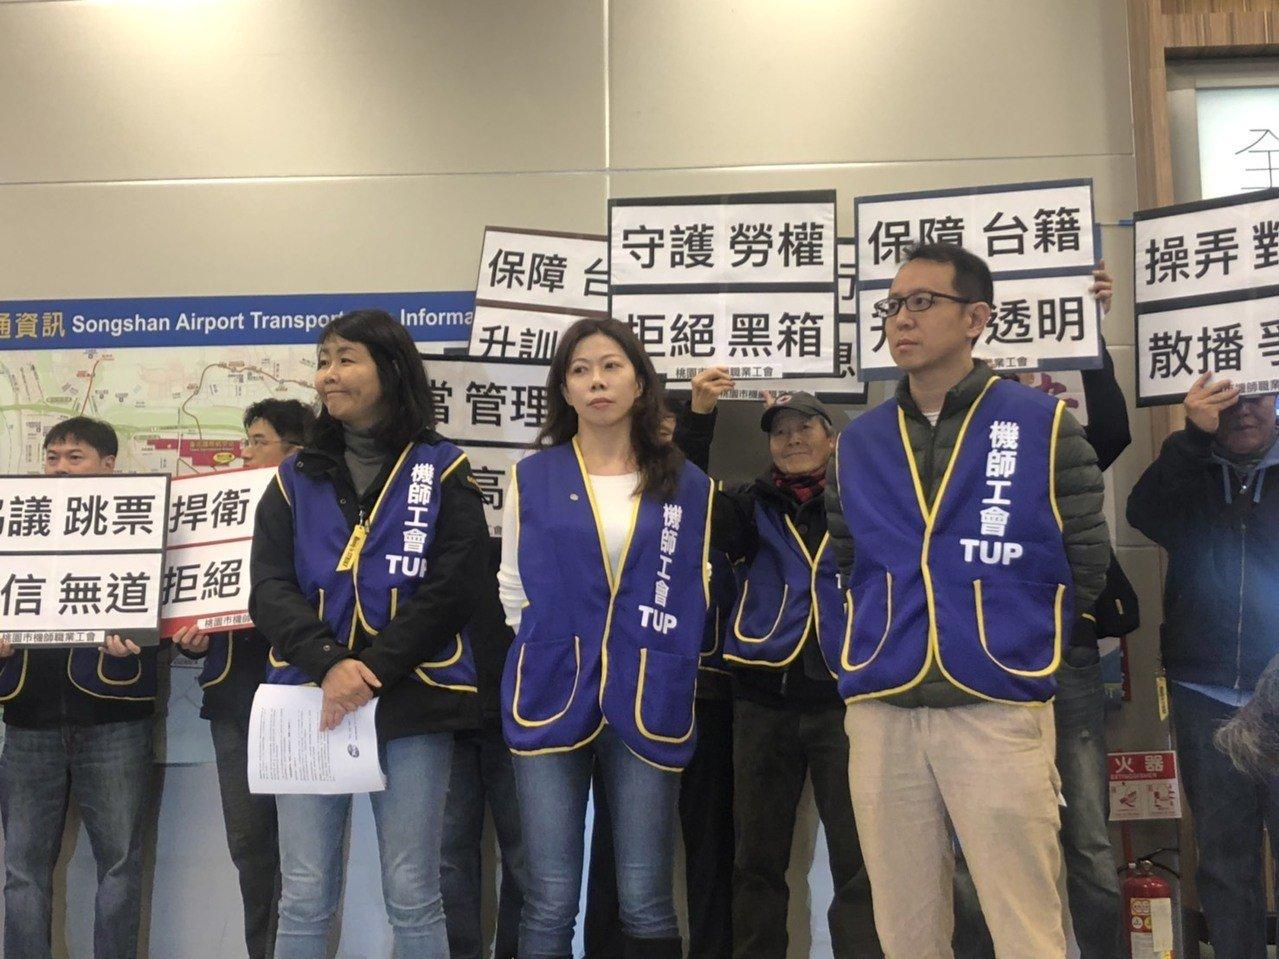 機師工會凌晨宣布今日早上6時起罷工。